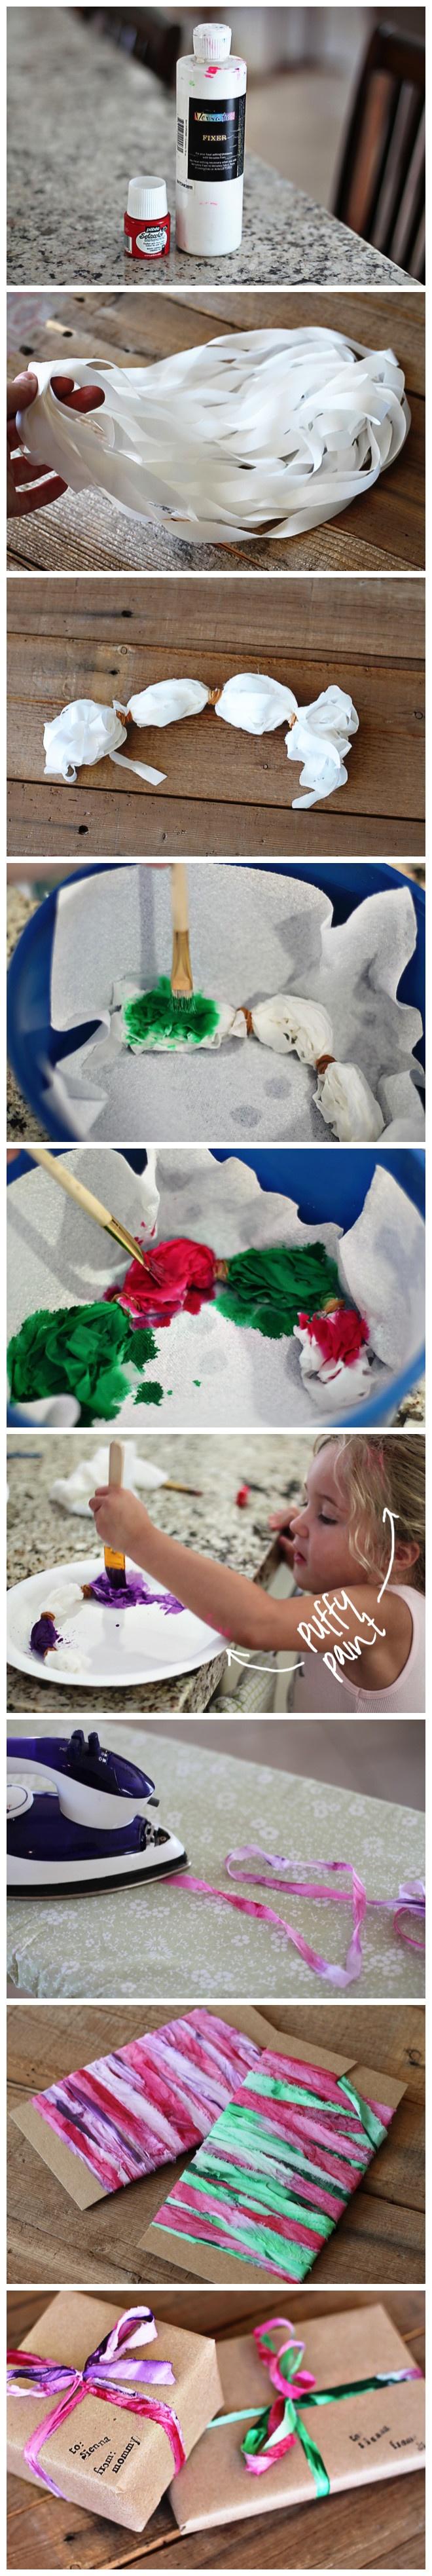 Color de cinta tie-dye material principal:. Cuerda de algodón blanco cinta 3 Dye utilizado en el paño de Hierro.